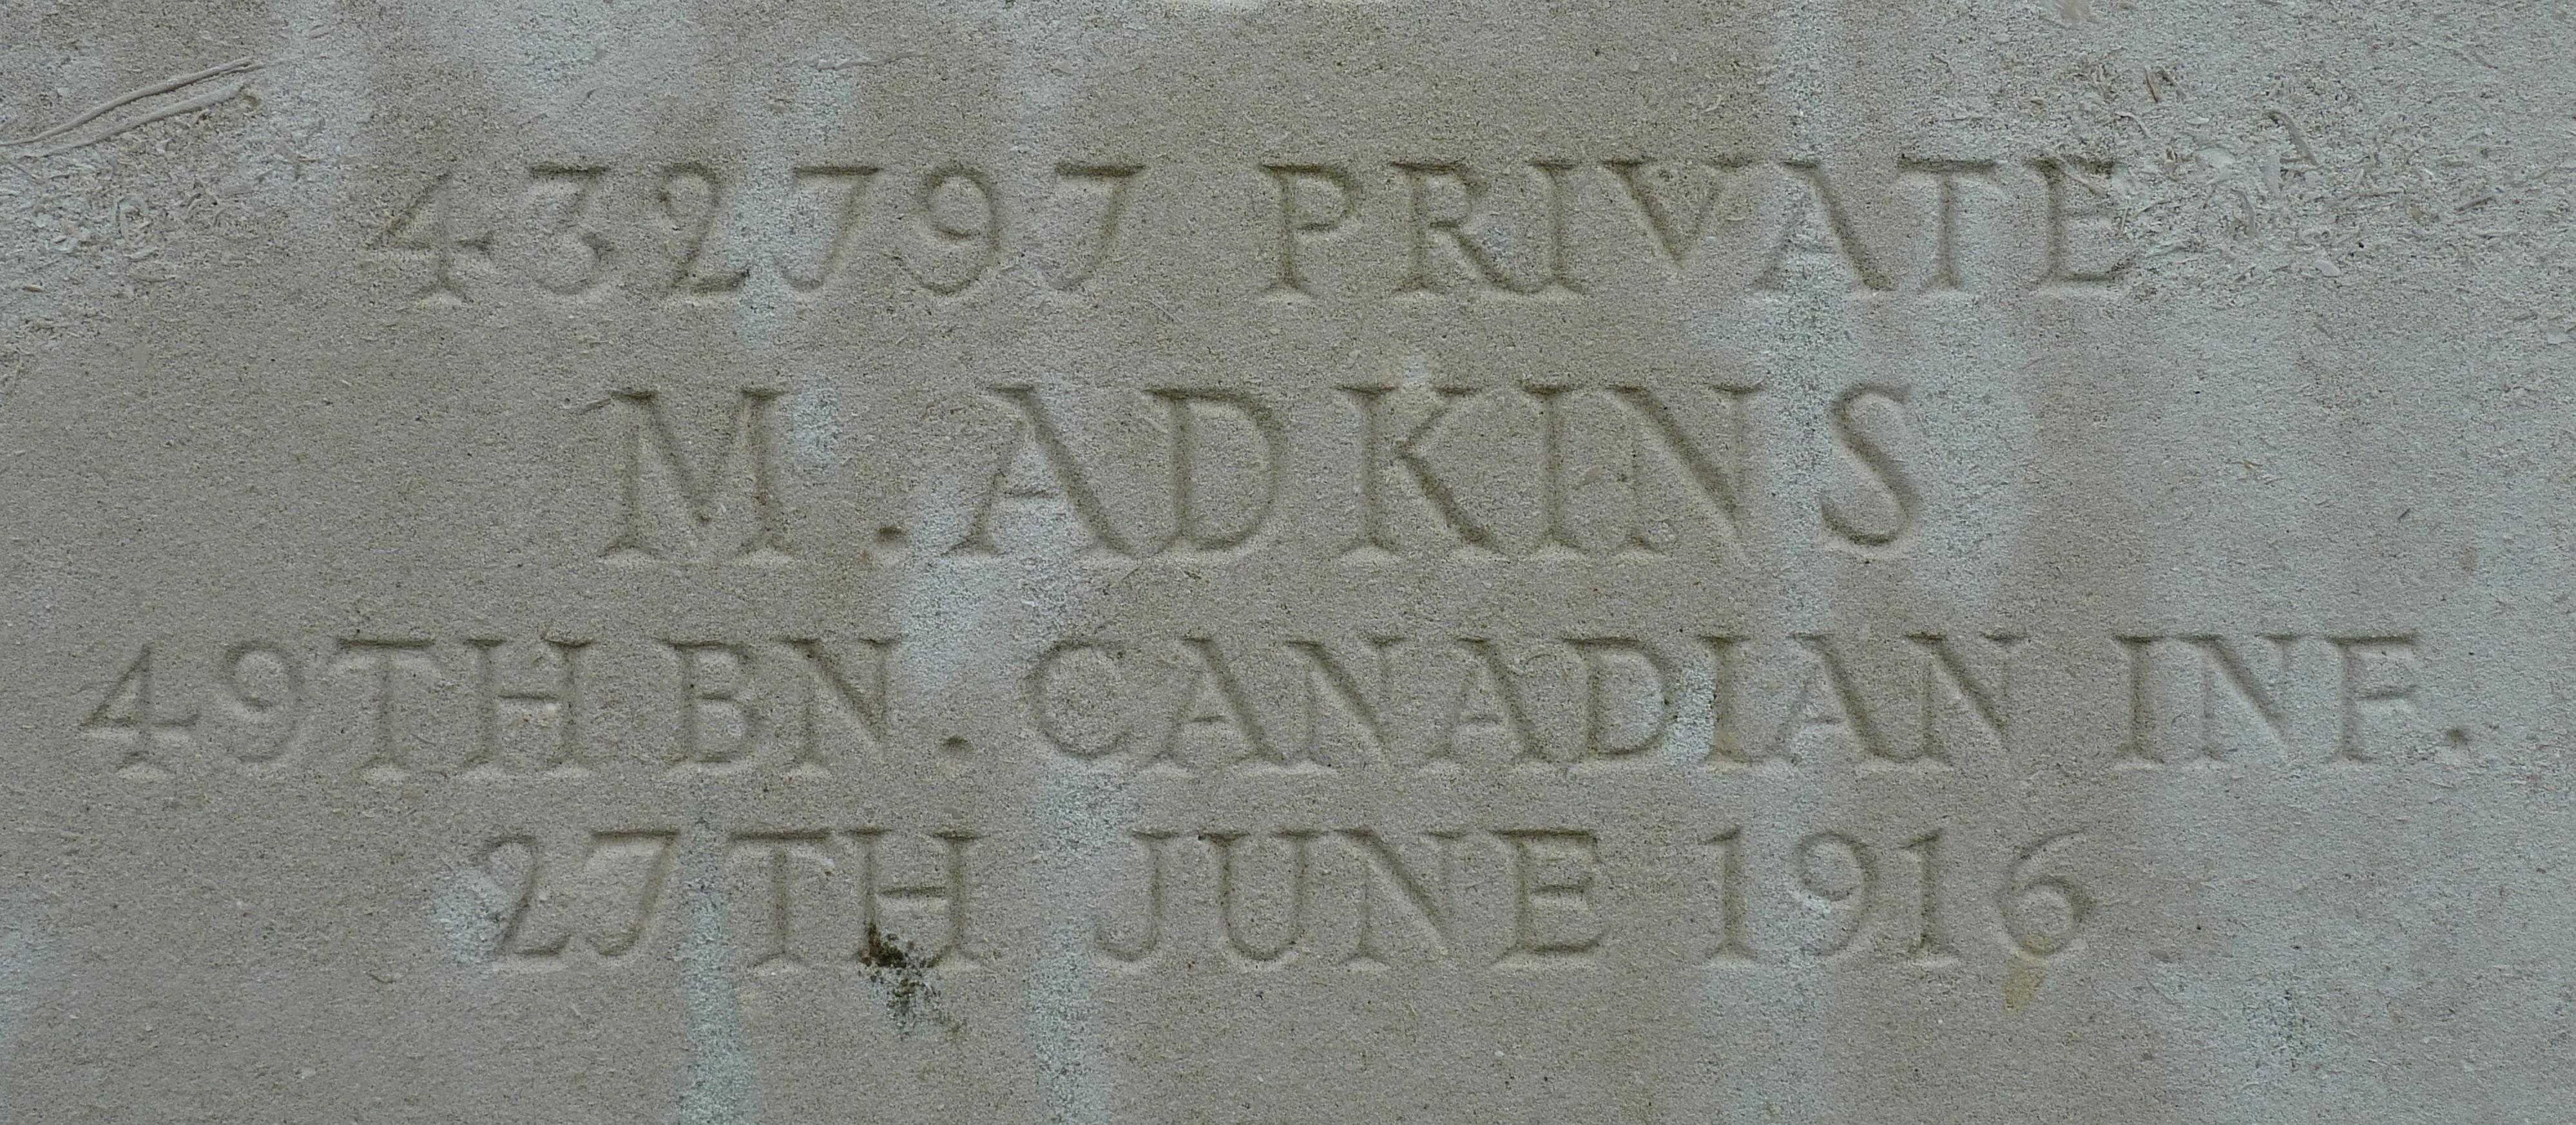 Private Martin Adkins